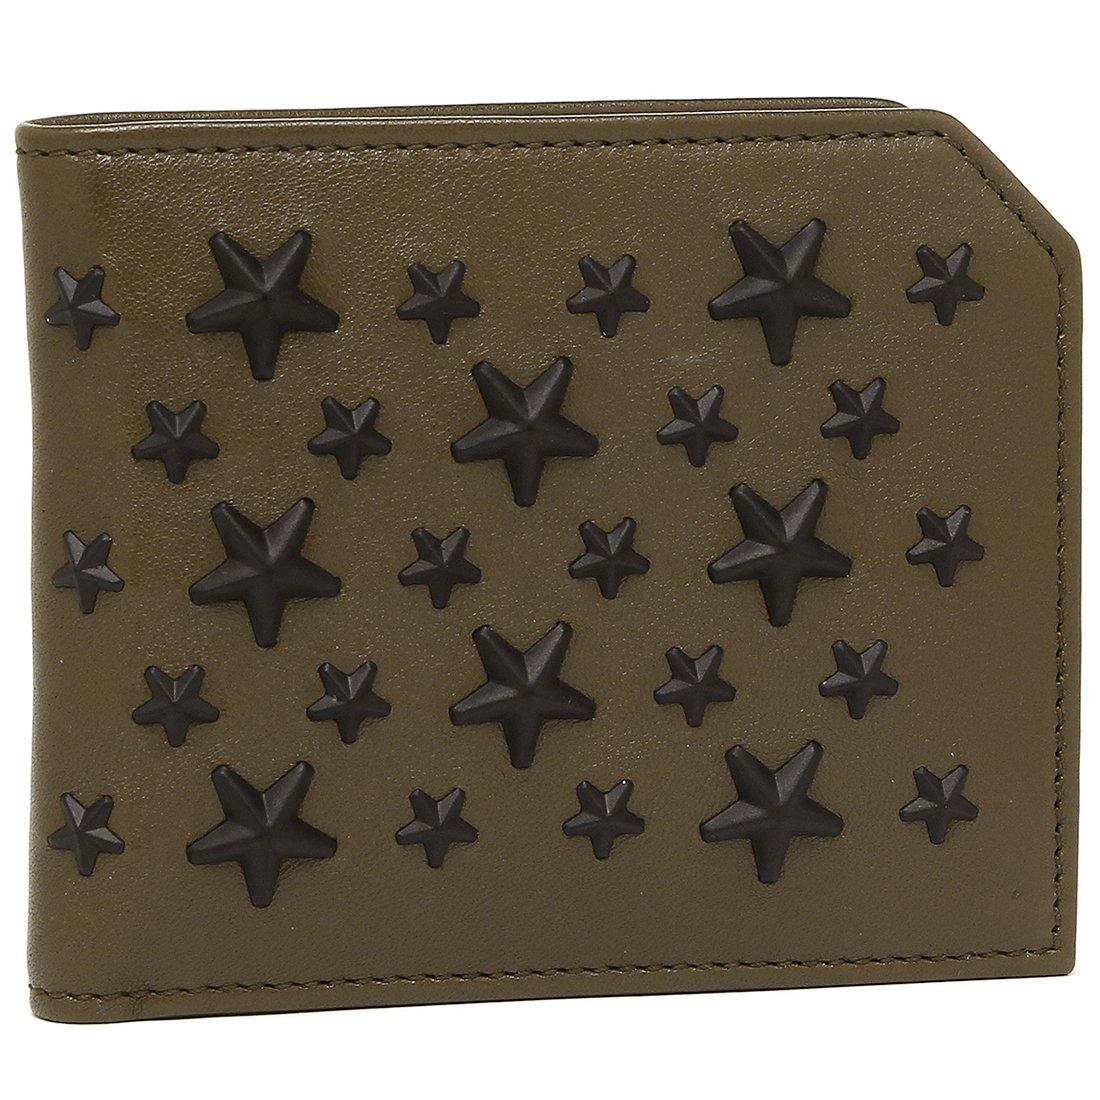 [ジミーチュウ] 二つ折り財布 メンズ JIMMY CHOO ALBANY OLIVE BLACK オリーブ ブラック [並行輸入品] B07BD5S297